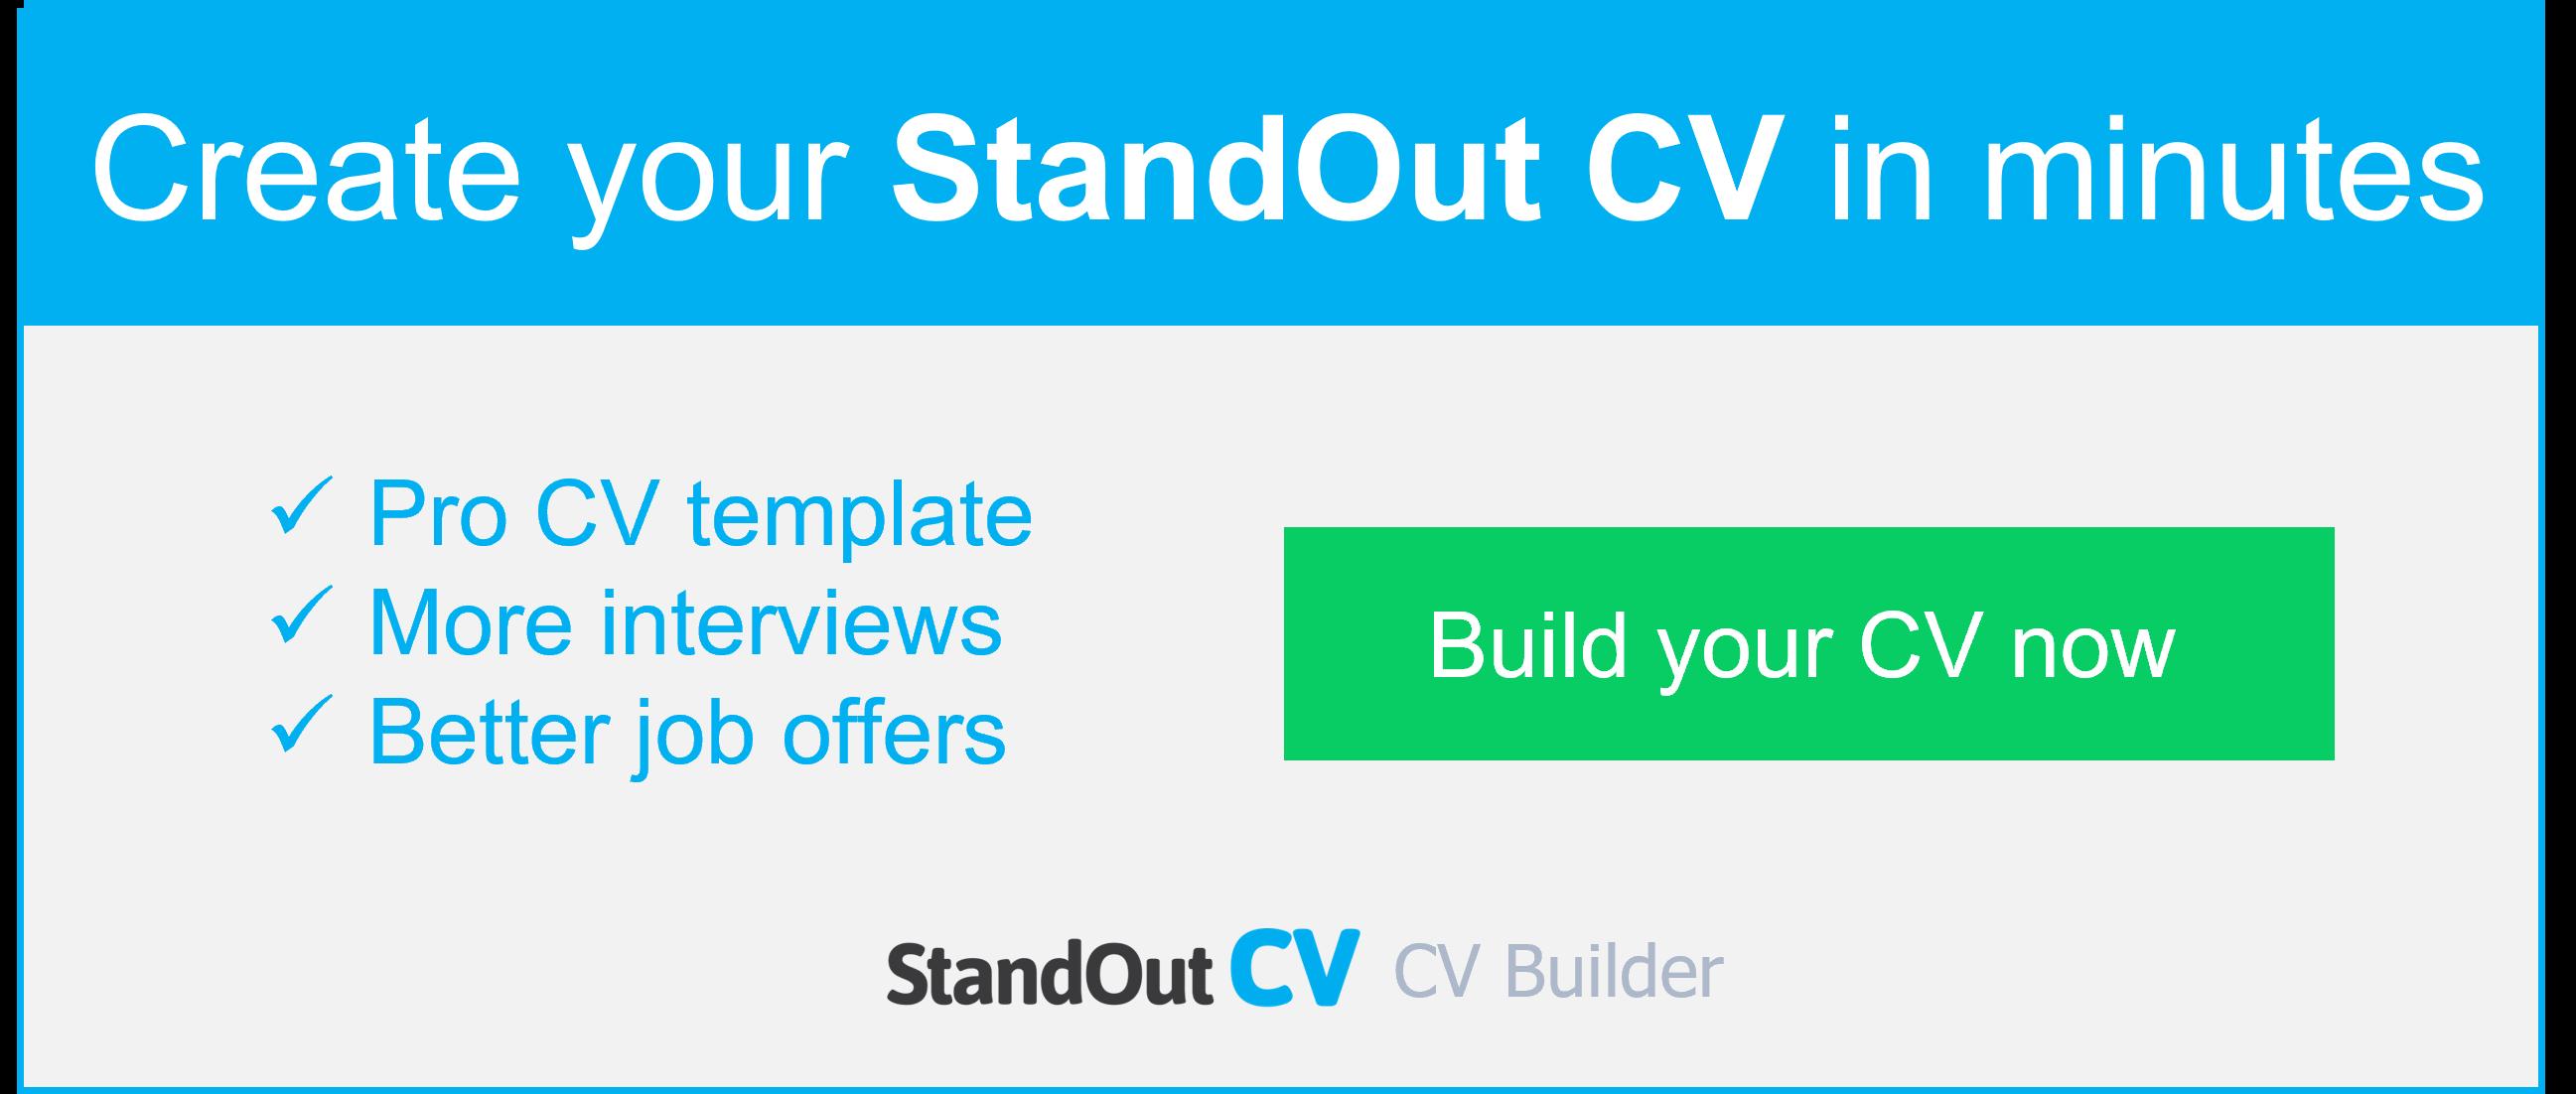 CV builder